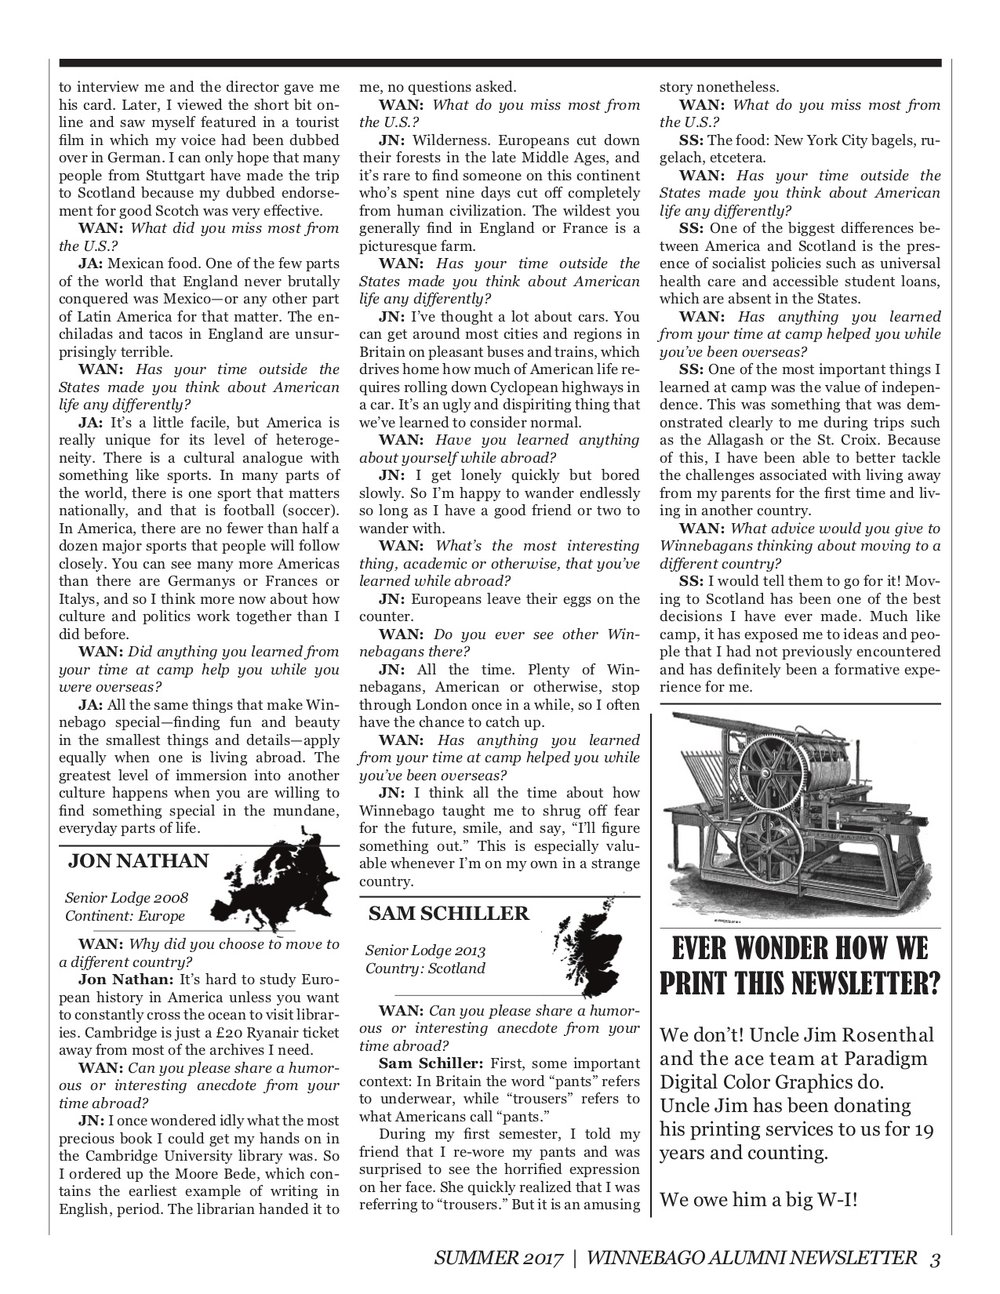 2017 Summer Newsletter 3.jpg